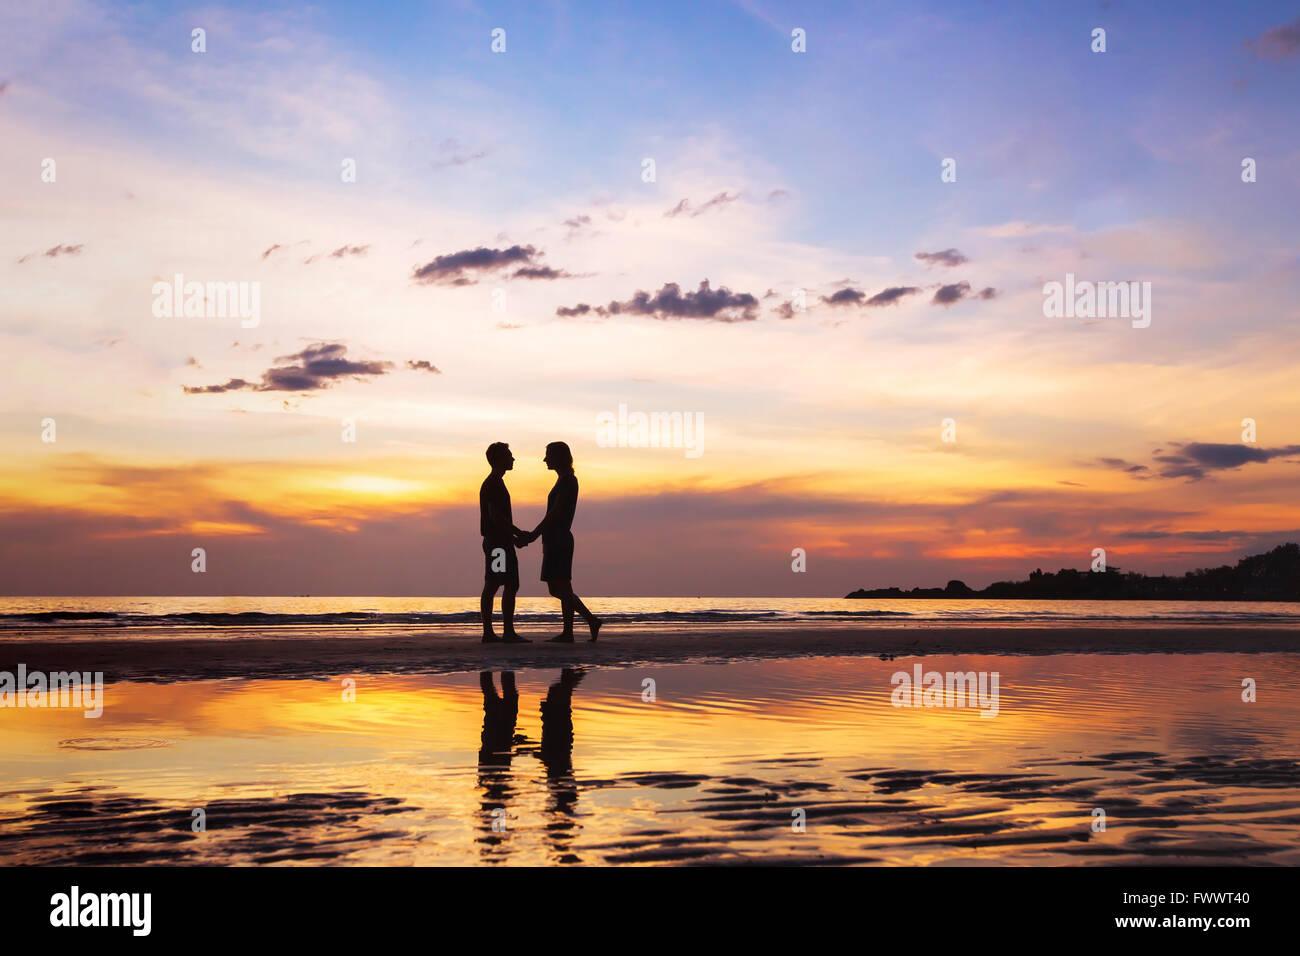 Silhouette di affettuosa giovane sulla spiaggia al tramonto, amore concetto, uomo e donna, bello sfondo Immagini Stock